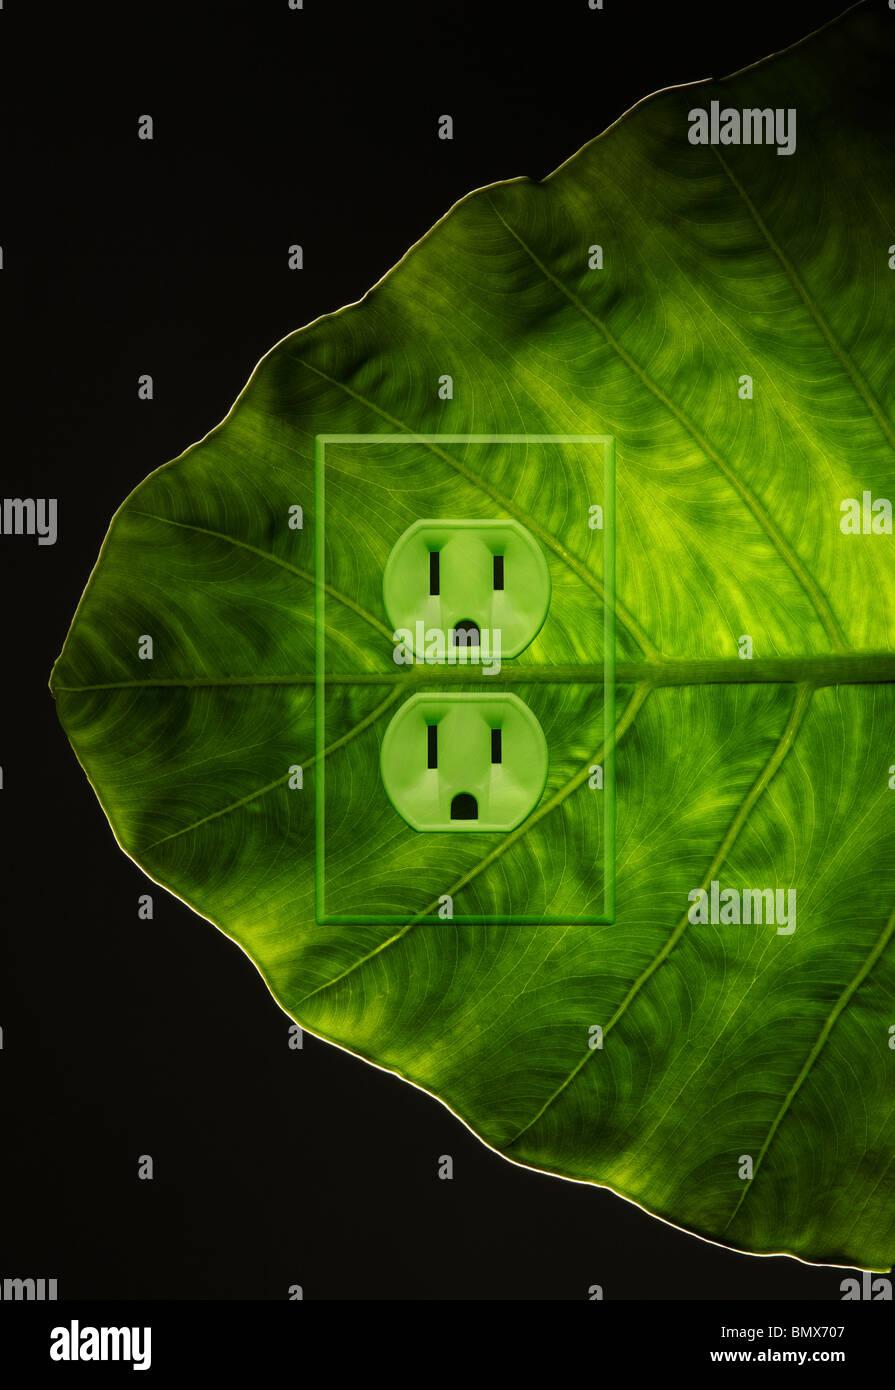 Una planta verde hoja con una toma de alimentación eléctrica Imagen De Stock